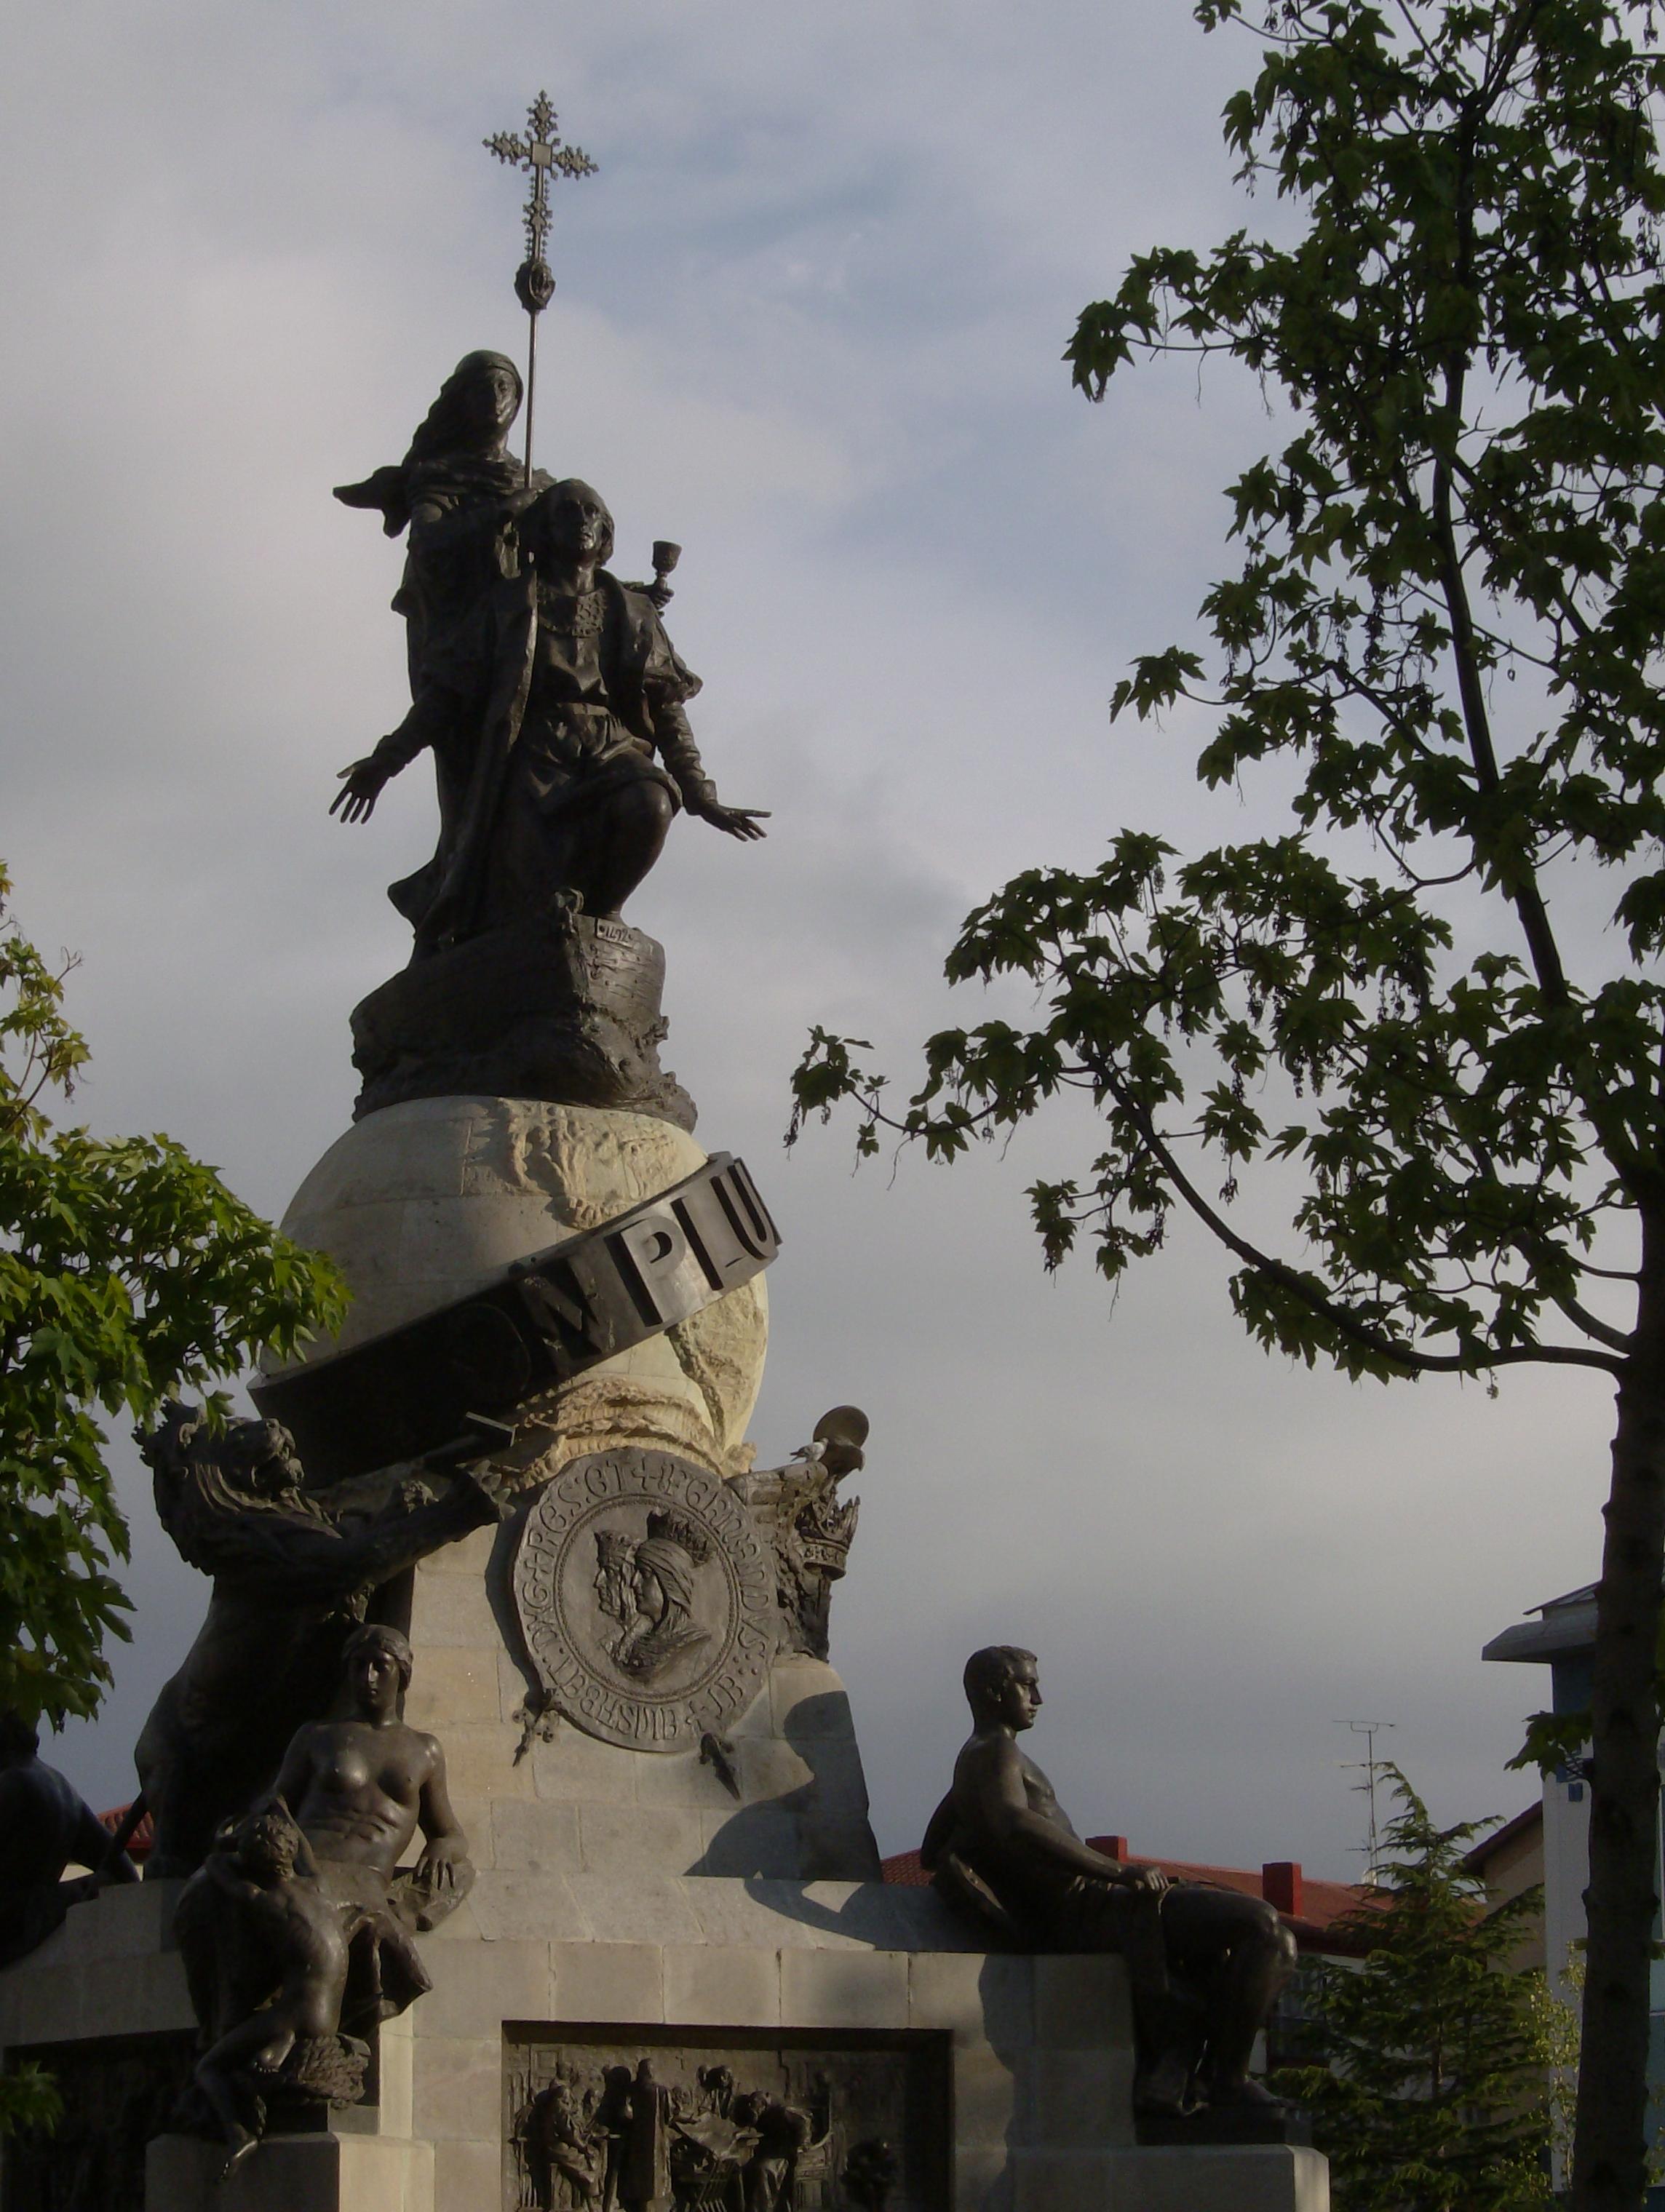 Monumento a Colón en Valladolid. Foto: porquenopuedo. Commons